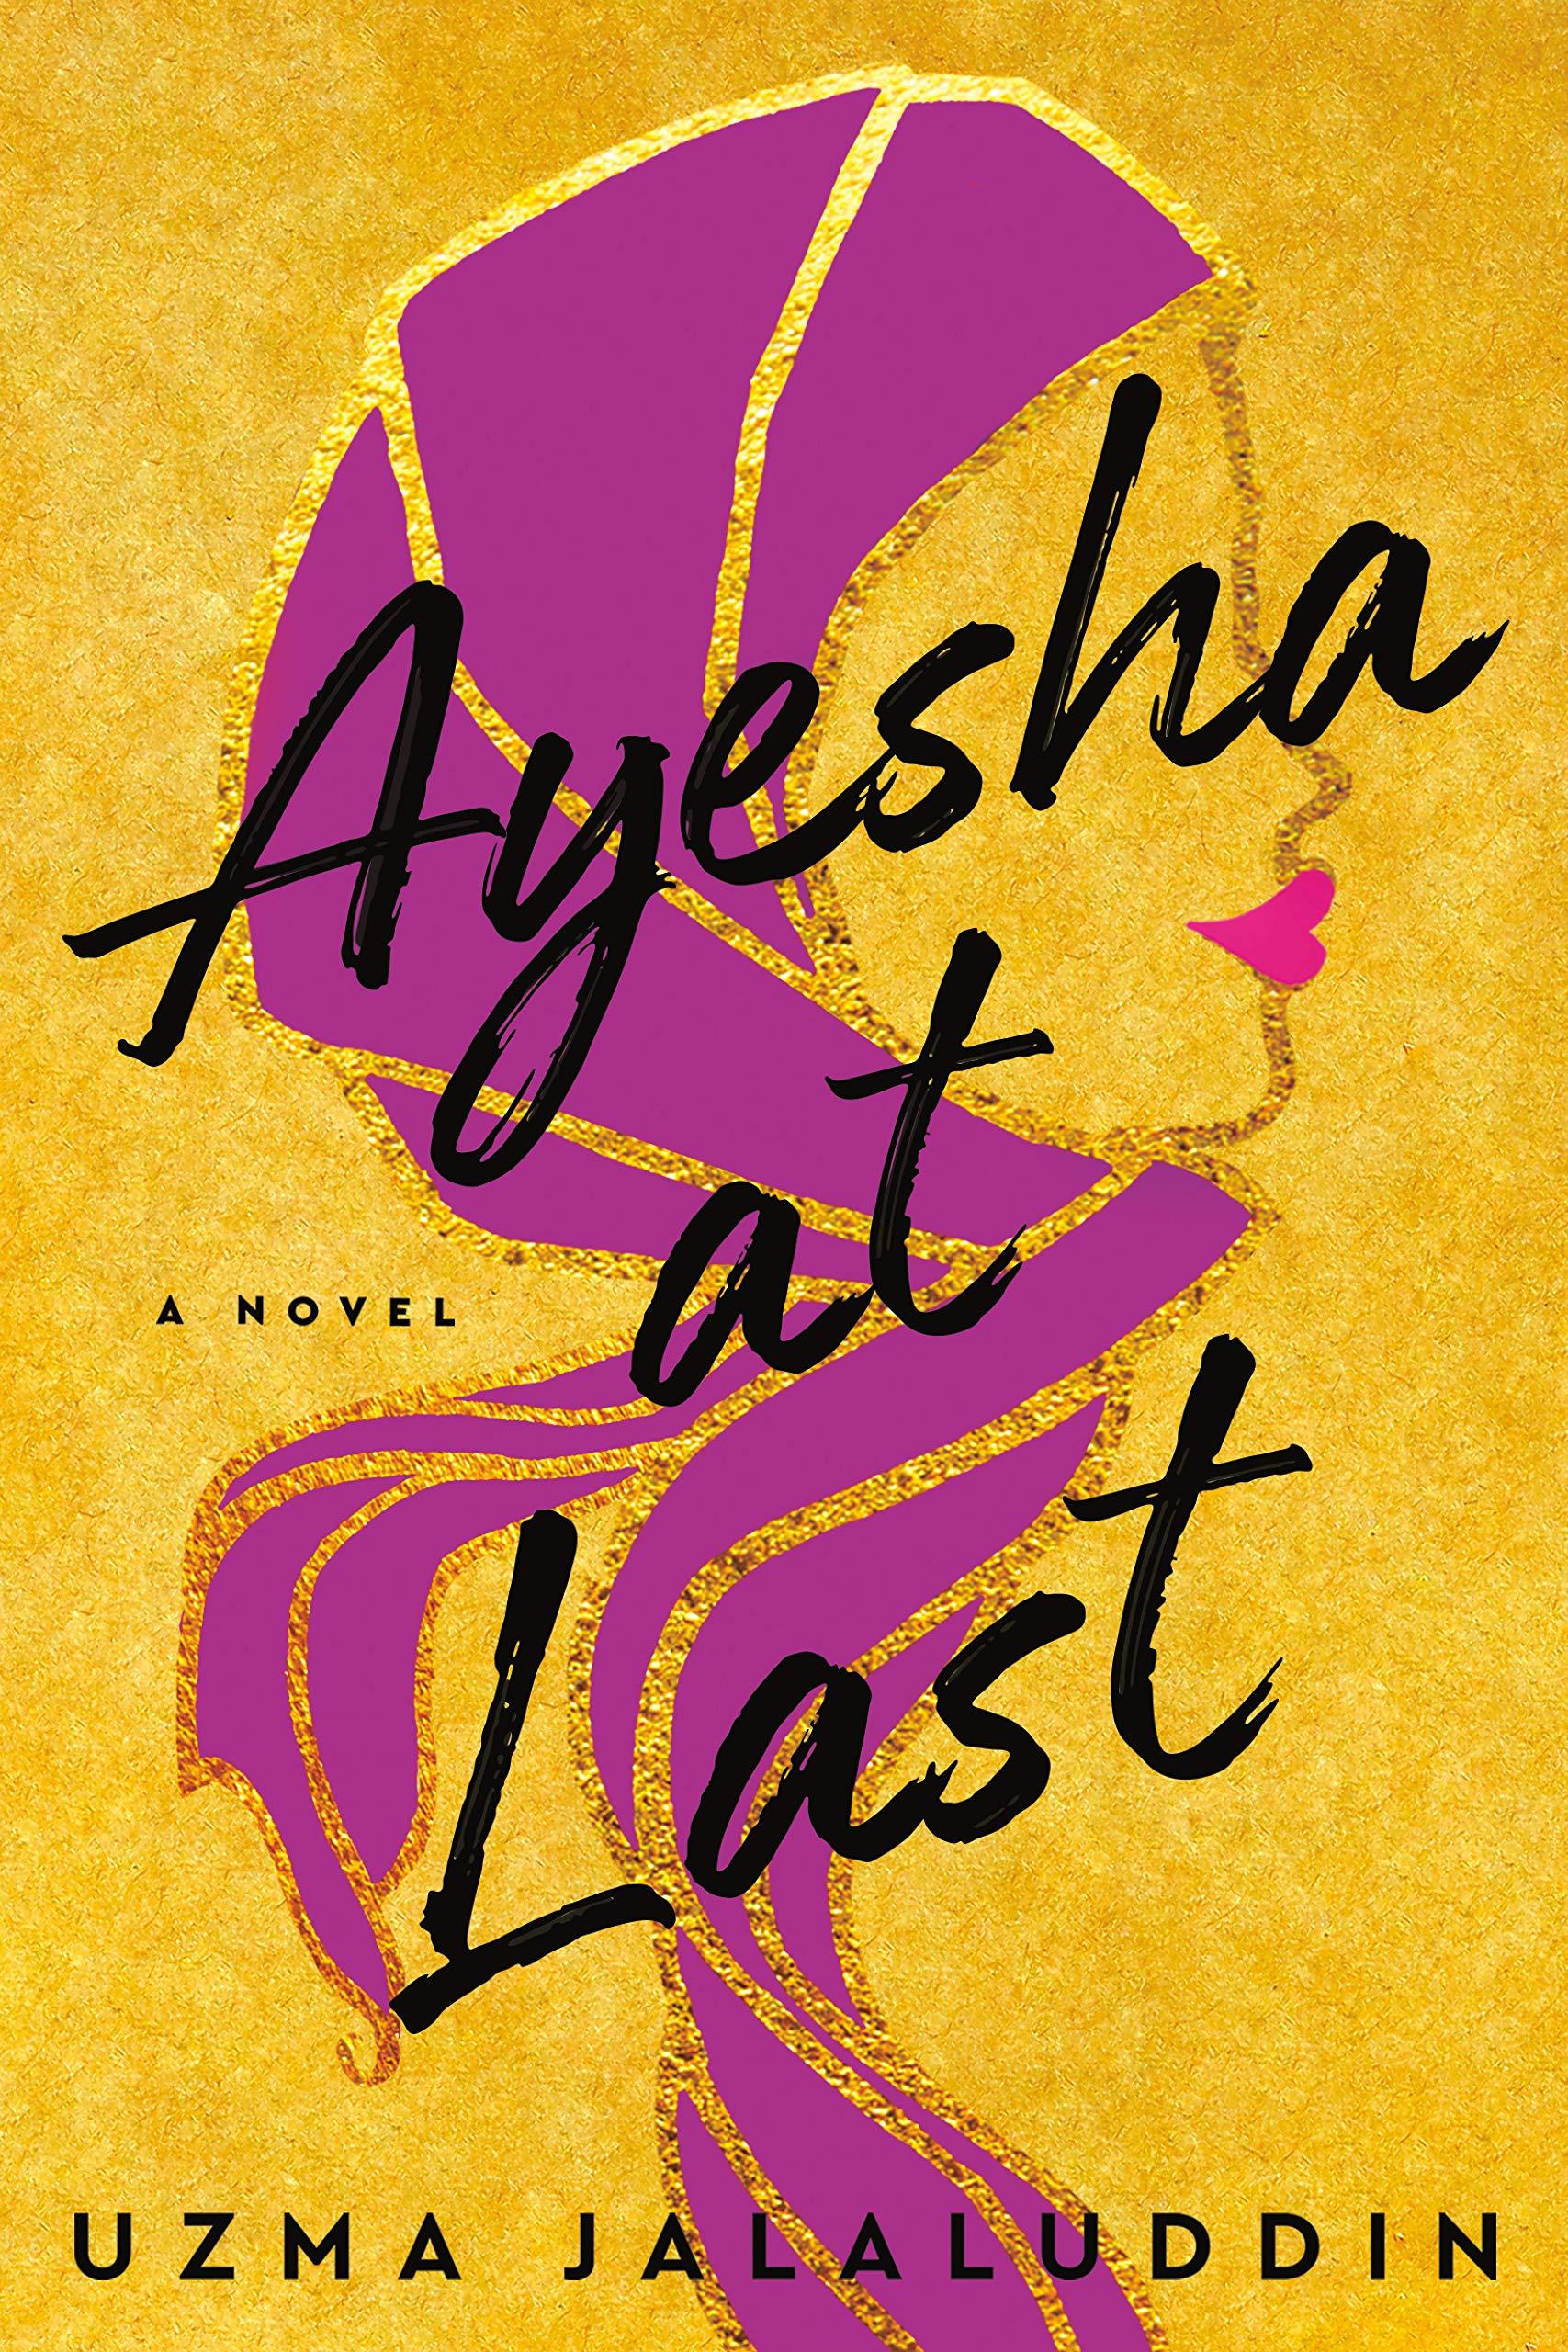 Ayesha at Last: Amazon.co.uk: Jalaluddin, Uzma: 9781984802798: Books